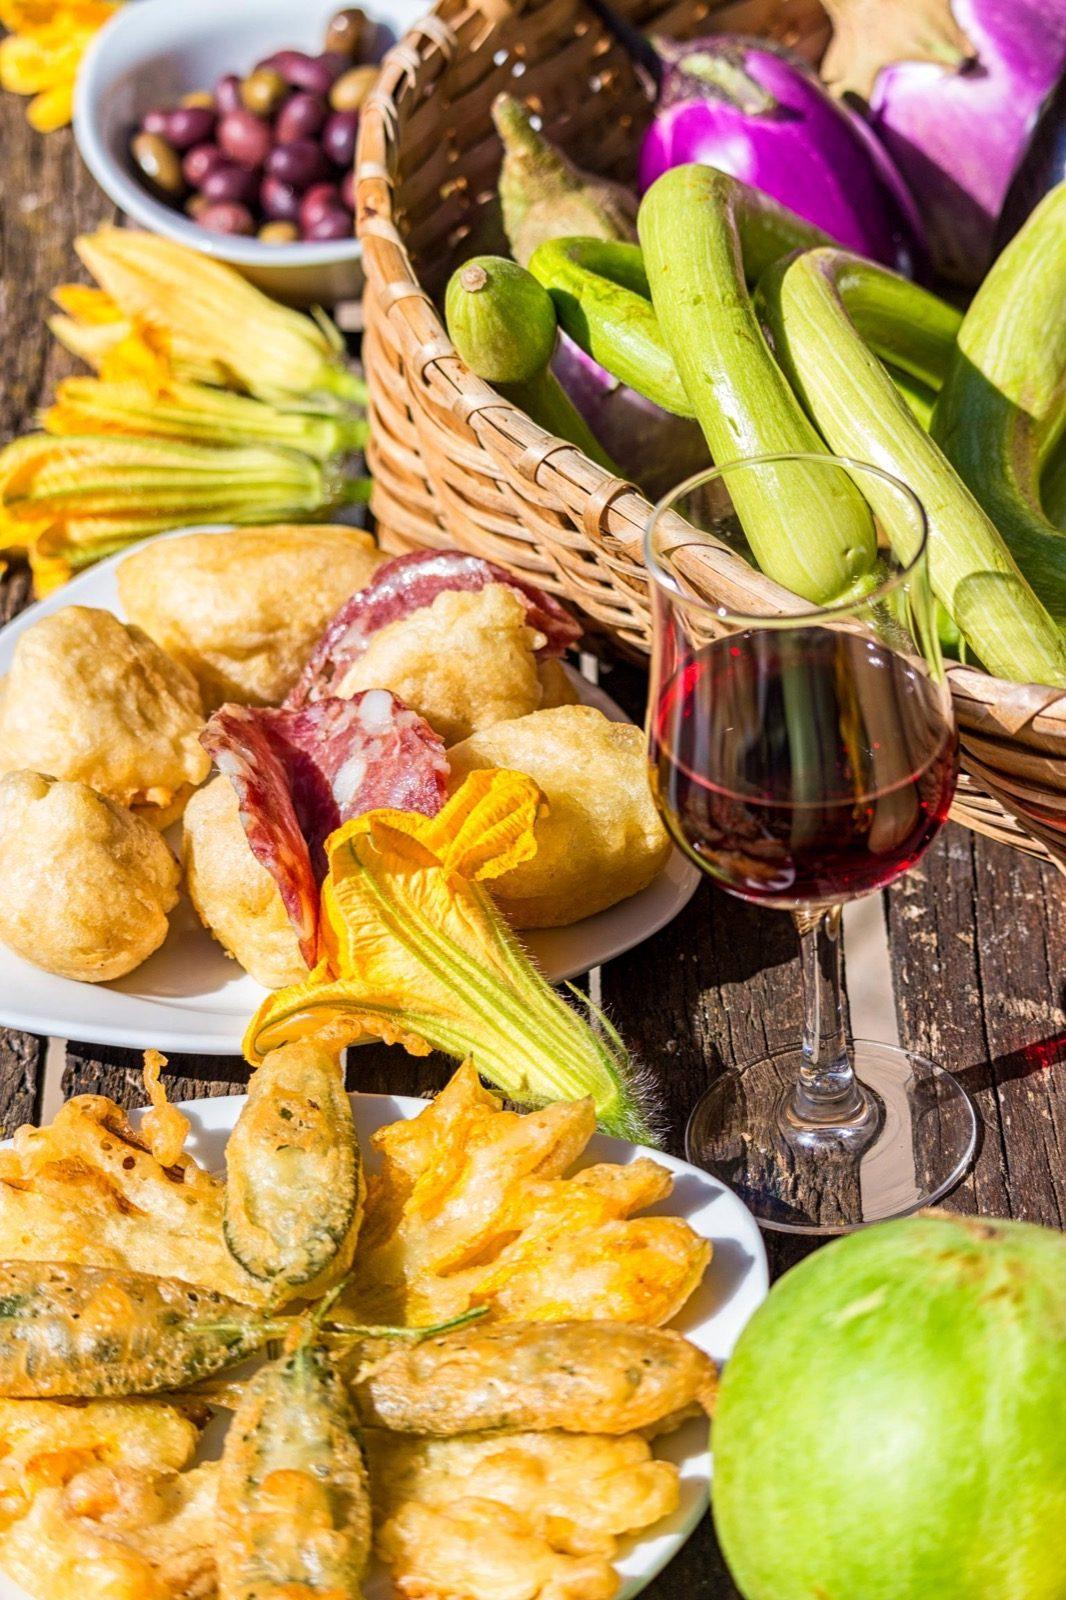 Dettaglio piatti e ortaggi